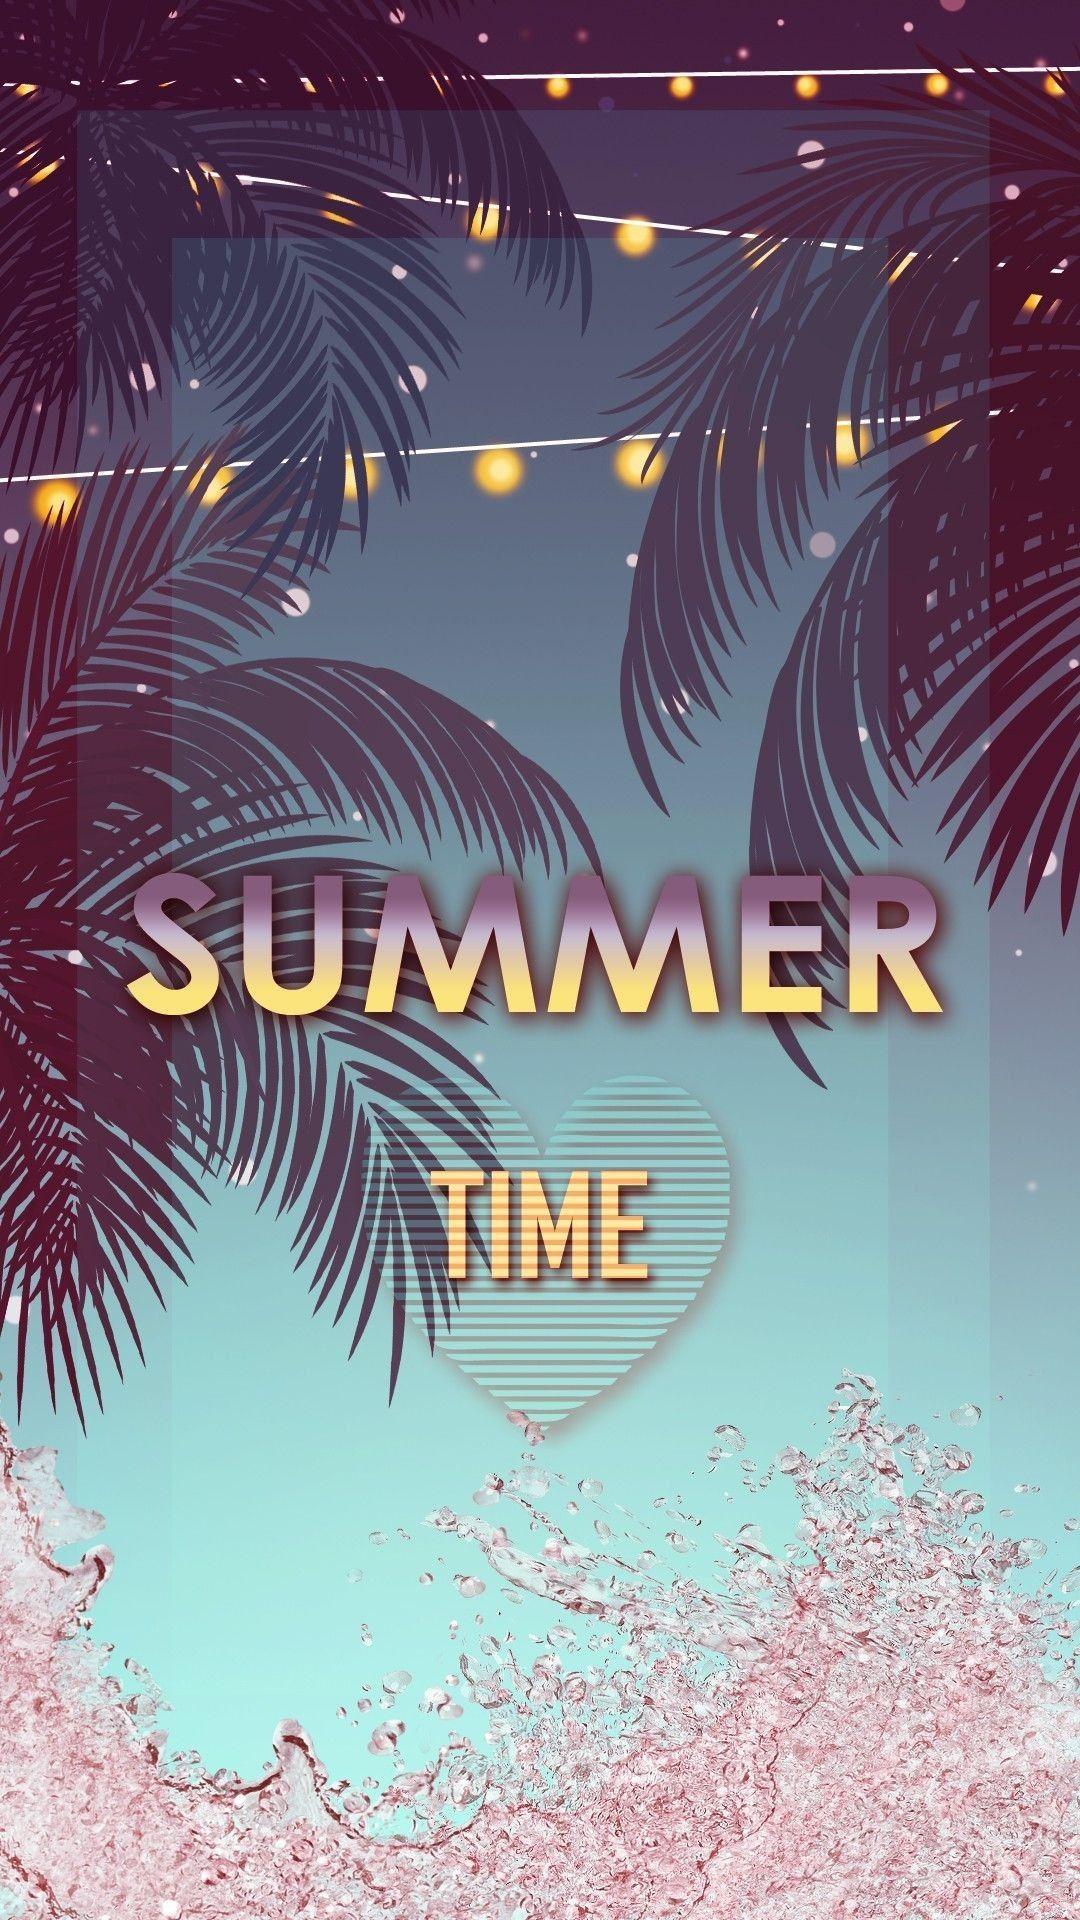 Wallpapers Wallpaper Iphone Summer Summer Wallpaper Phone Summer Wallpaper